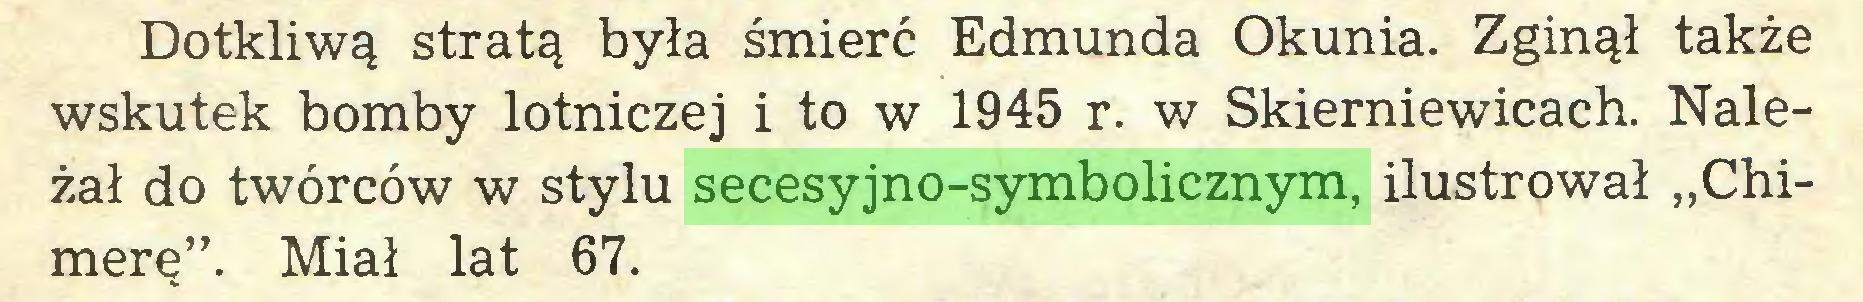 """(...) Dotkliwą stratą była śmierć Edmunda Okunia. Zginął także wskutek bomby lotniczej i to w 1945 r. w Skierniewicach. Należał do twórców w stylu secesyjno-symbolicznym, ilustrował """"Chimerę"""". Miał lat 67..."""